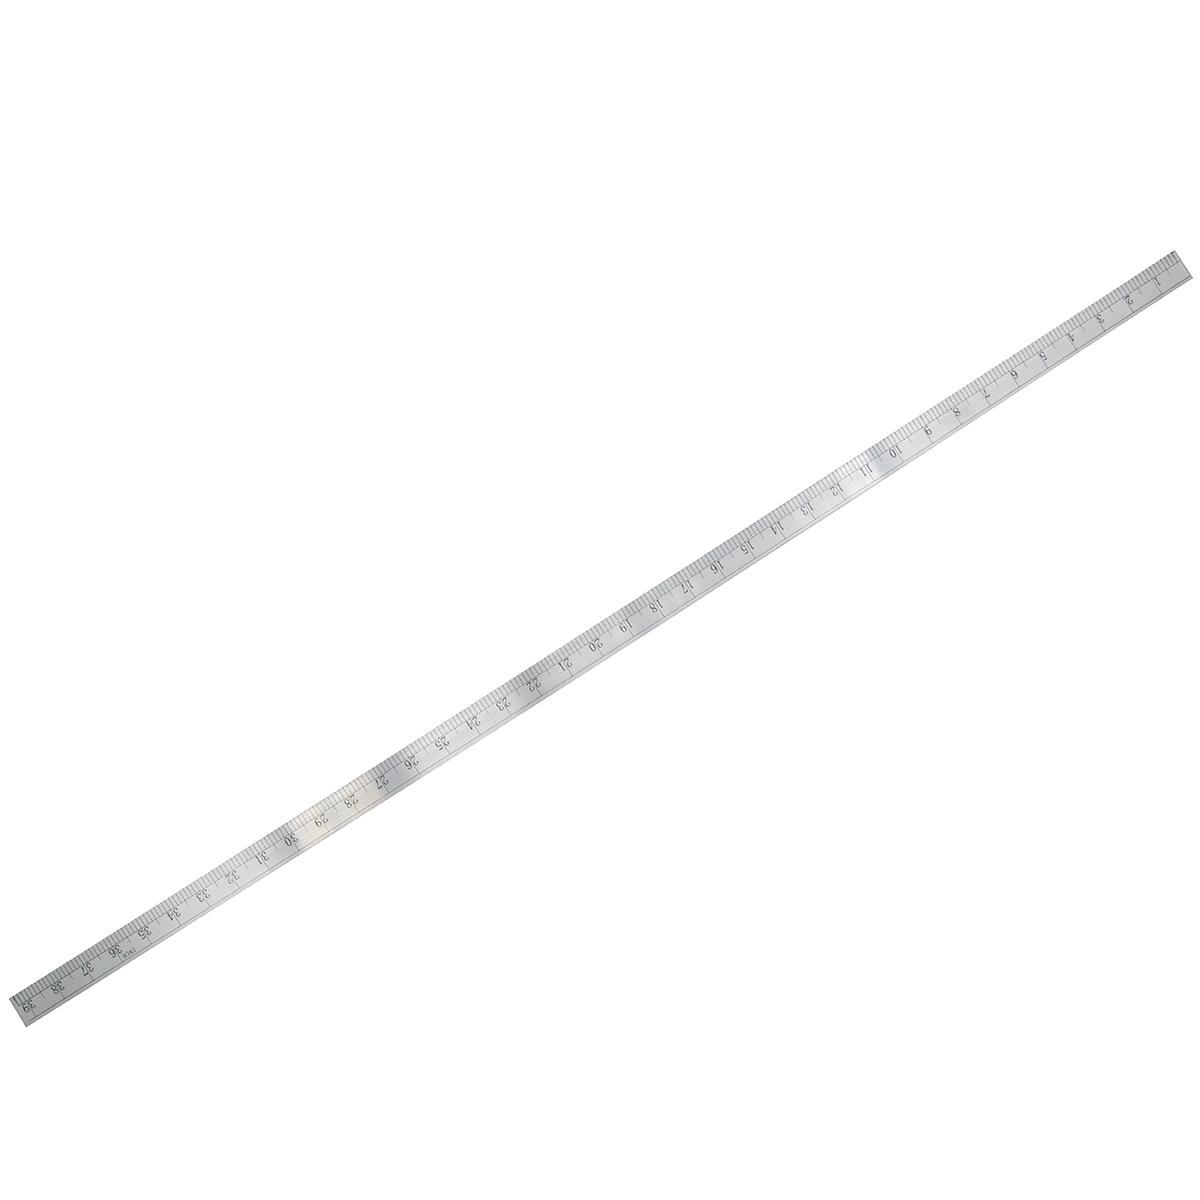 2600728 Метр металл 1м см/дюймы